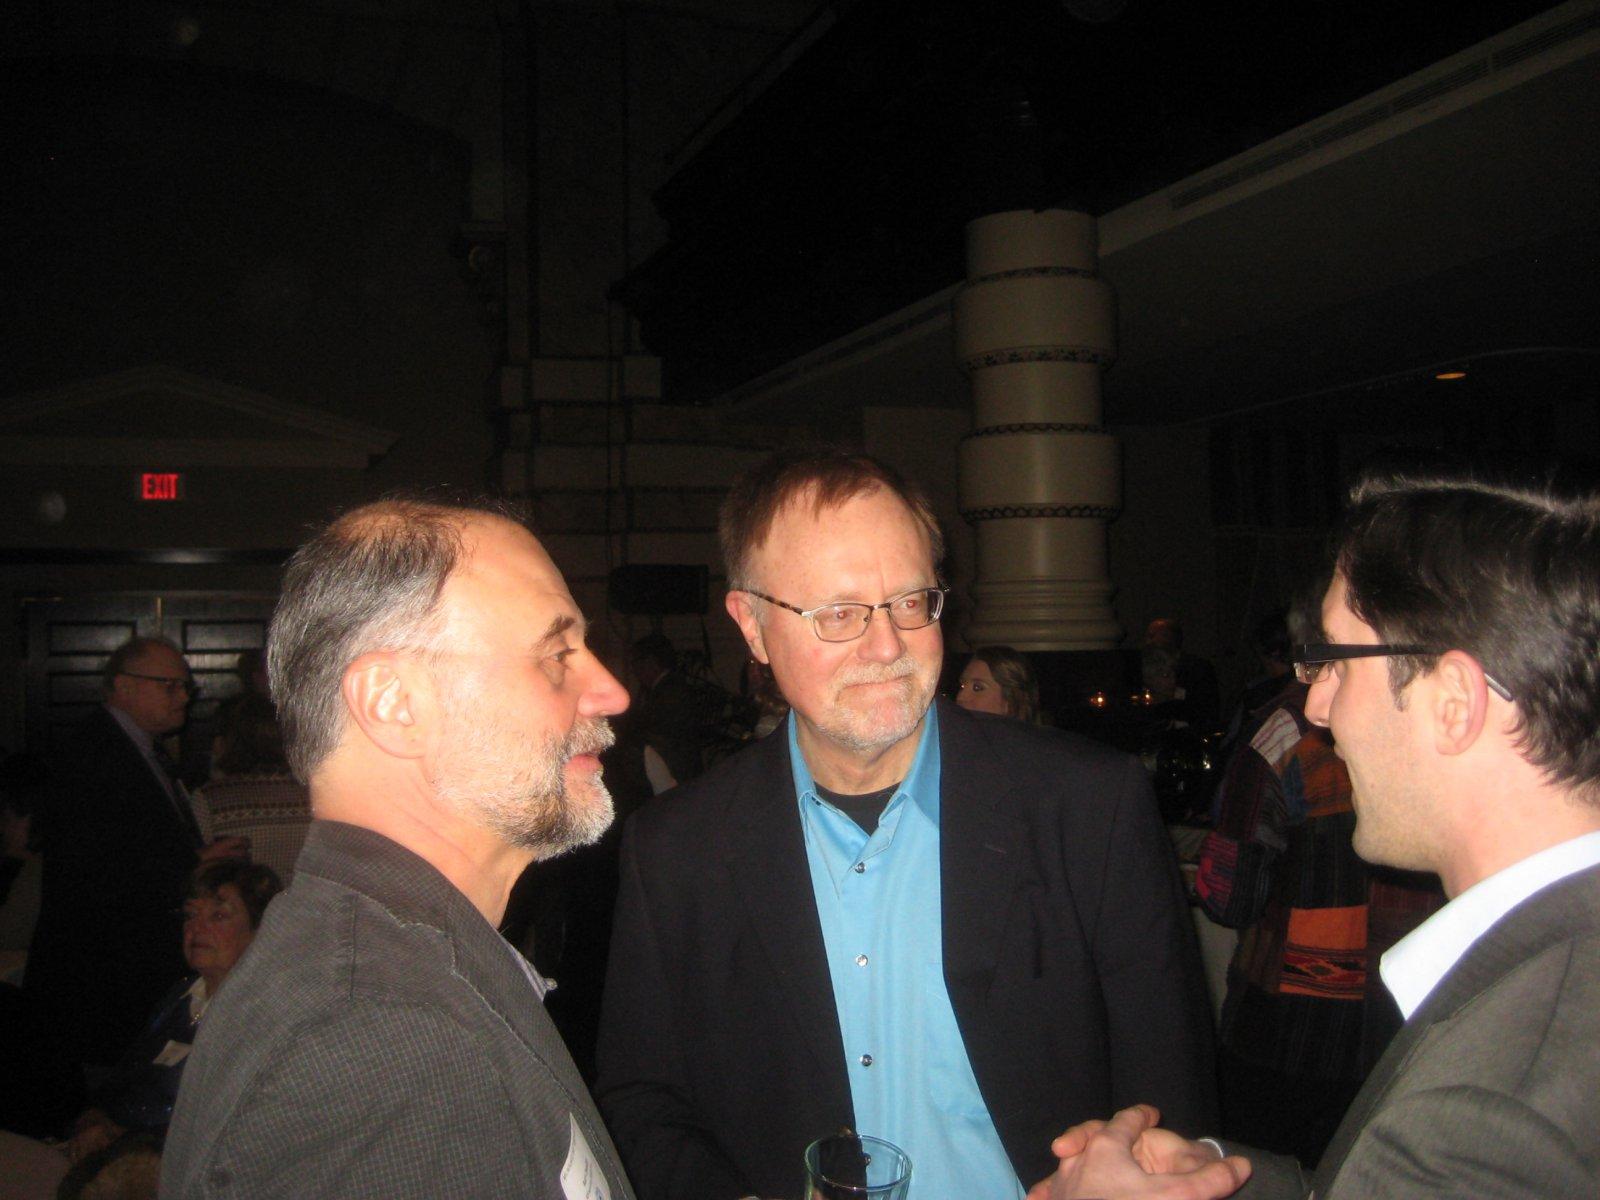 Kurt Chandler, Bruce Murphy, and Jim Tarantino.